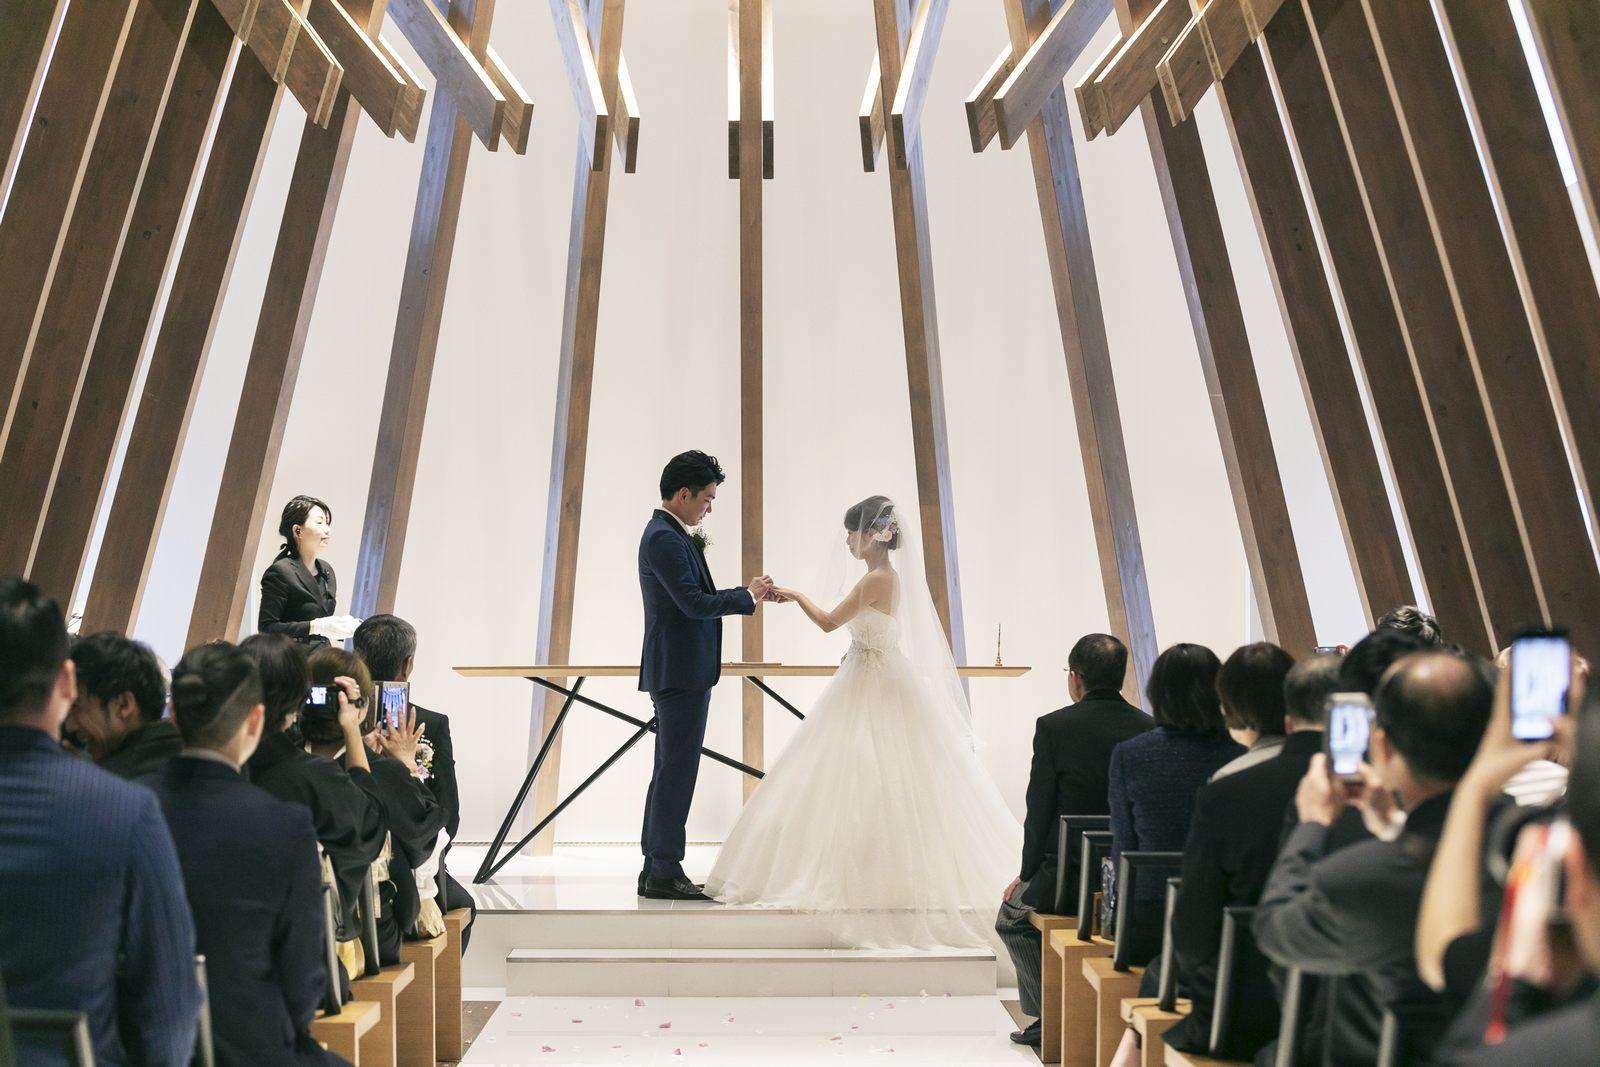 香川県高松市の結婚式場アナザースタイルのチャペルで指輪の交換